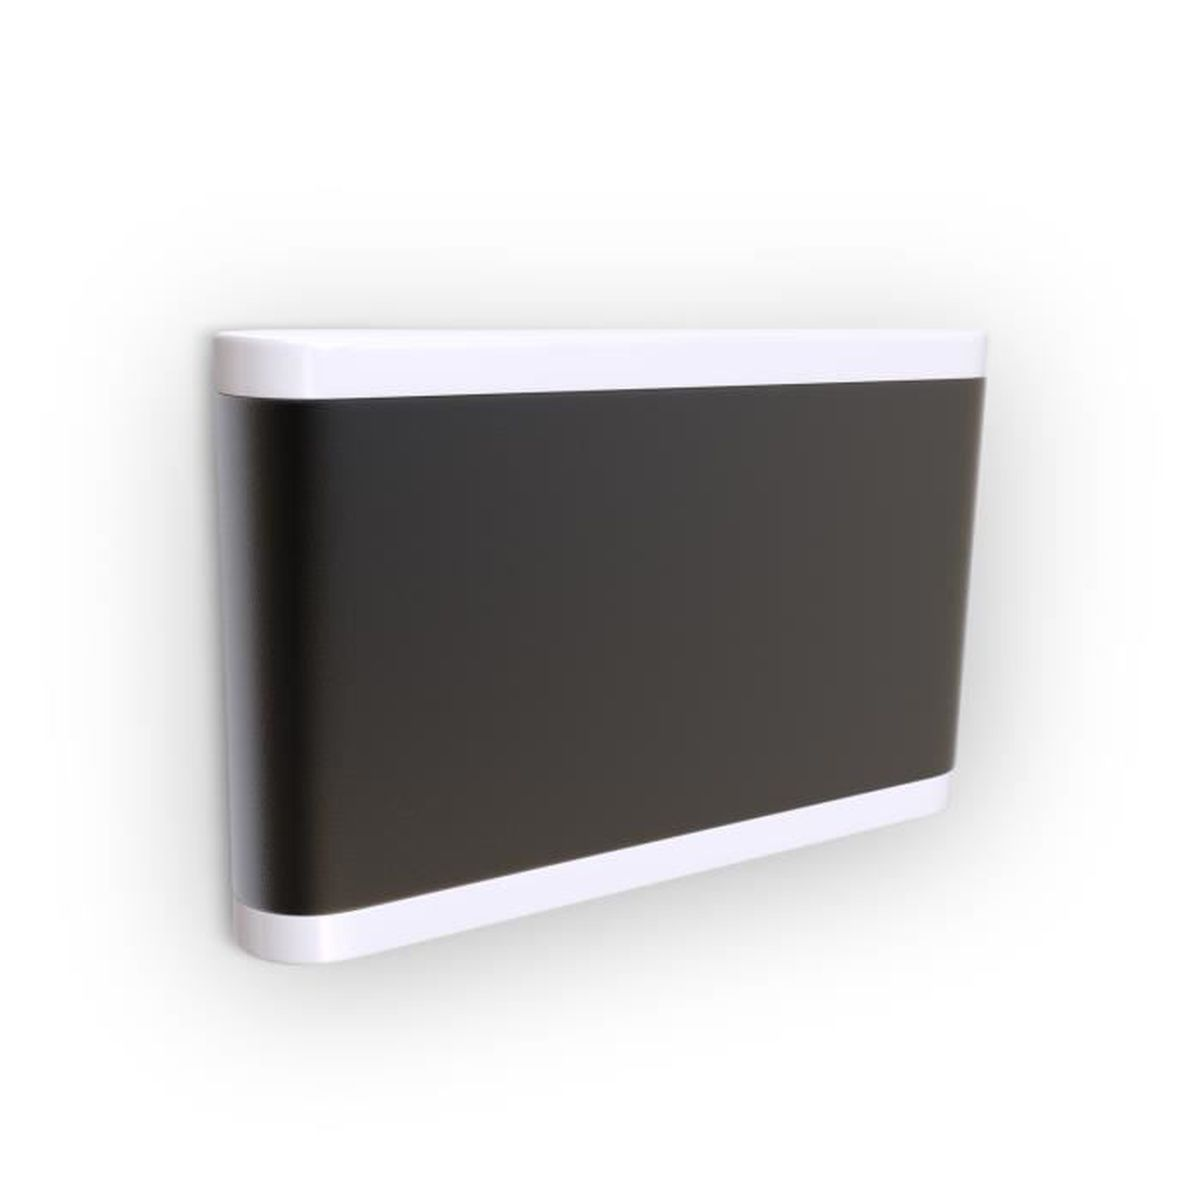 Applique Extérieure Eclairage Haut Et Bas applique led extérieure ip44 éclairage mural facade noir